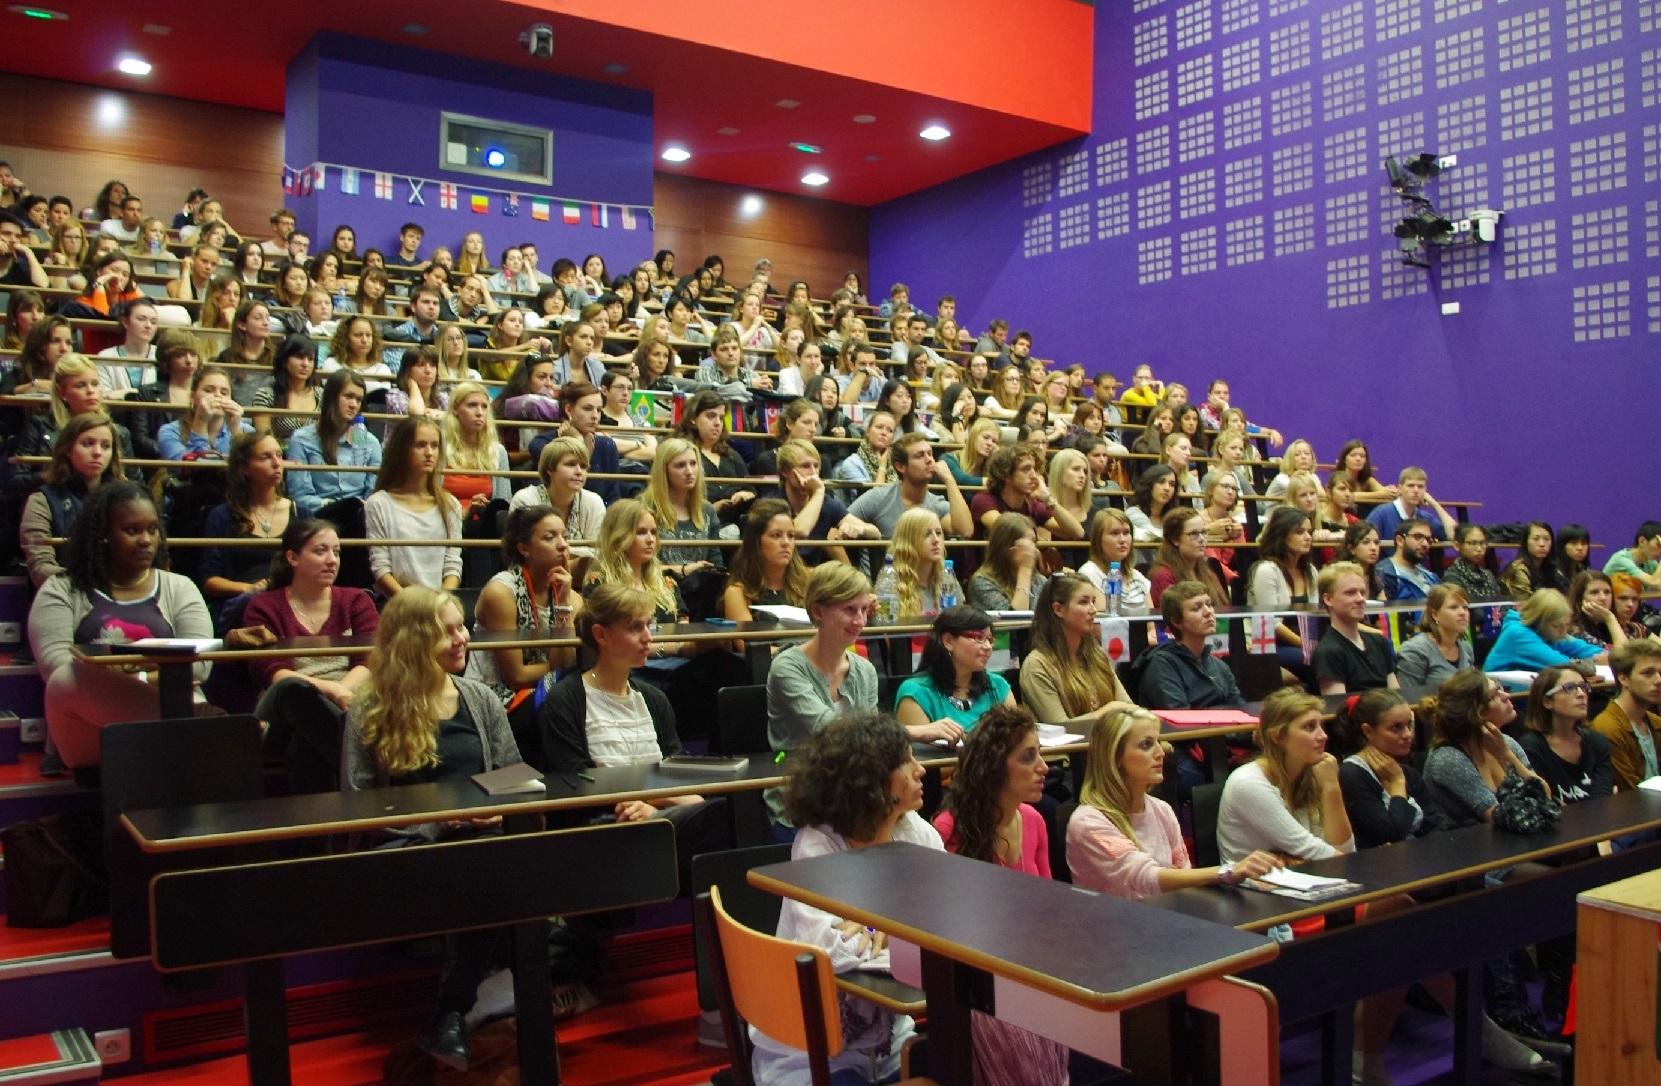 Les étudiants peuvent dialoguer avec plus de trente établissements universitaires. D. R.